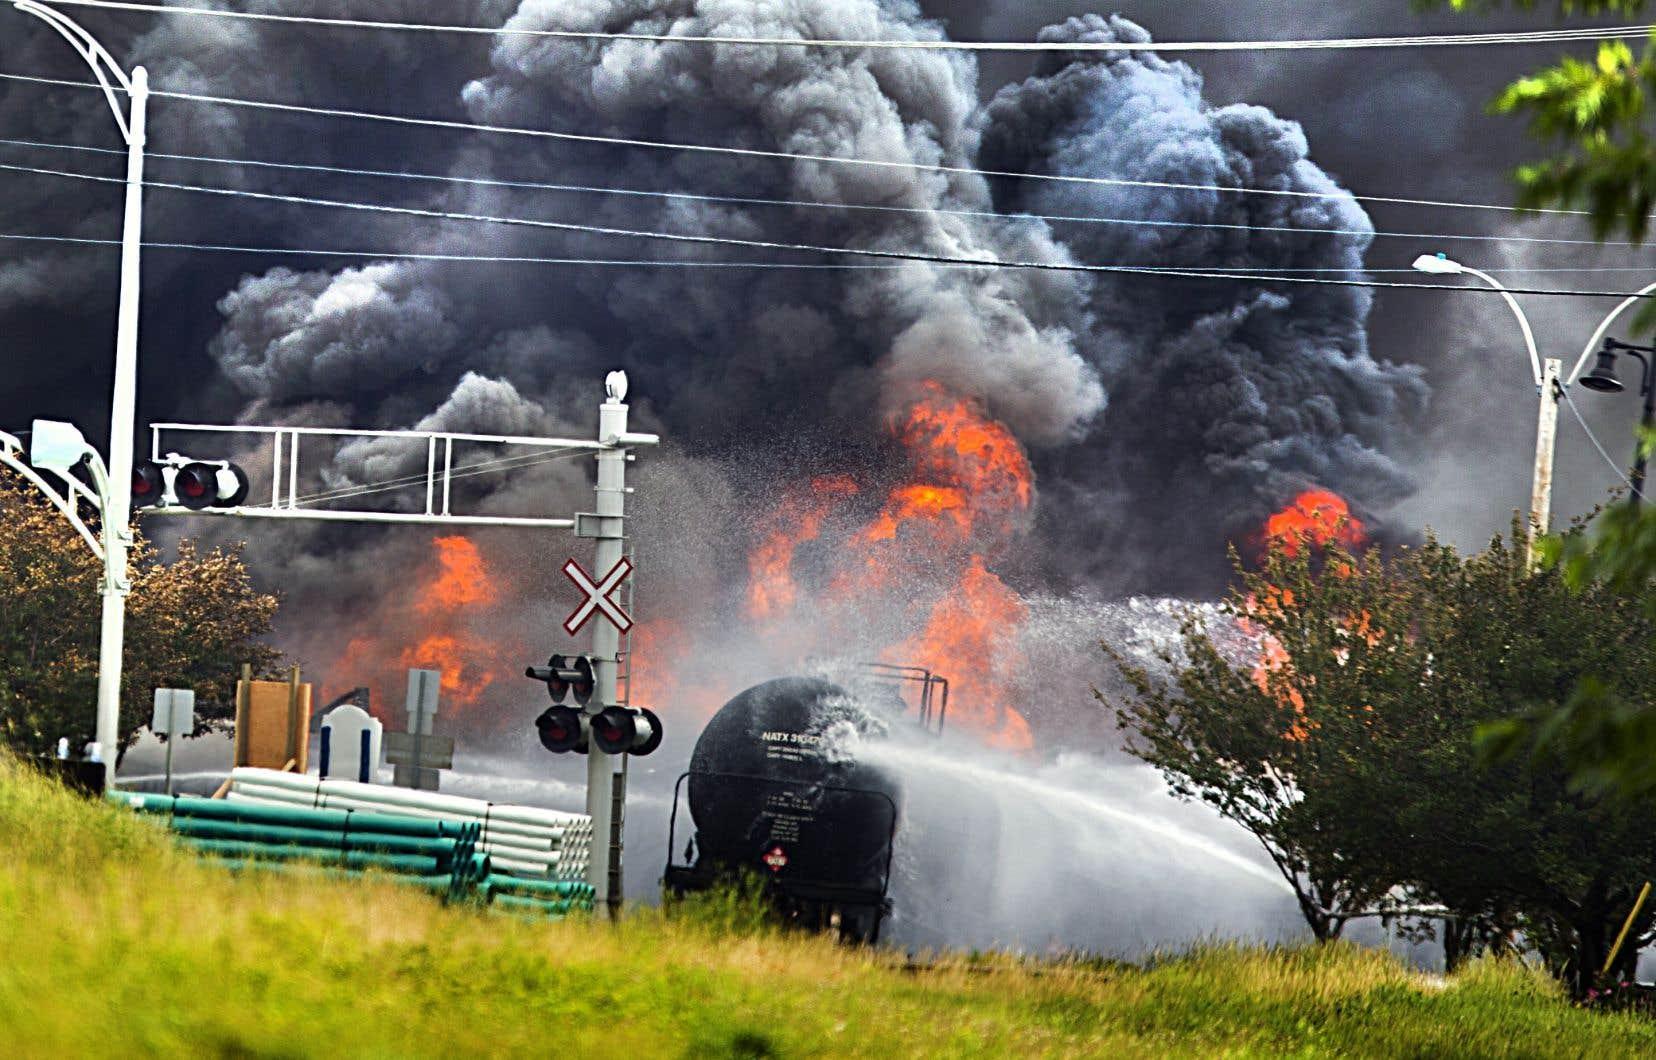 Les wagons-citernes qui avaient explosé remplis de pétrole au cœur de Lac-Mégantic il y a cinq ans ne pourront plus transporter du tout de matières inflammables volatiles dès janvier.